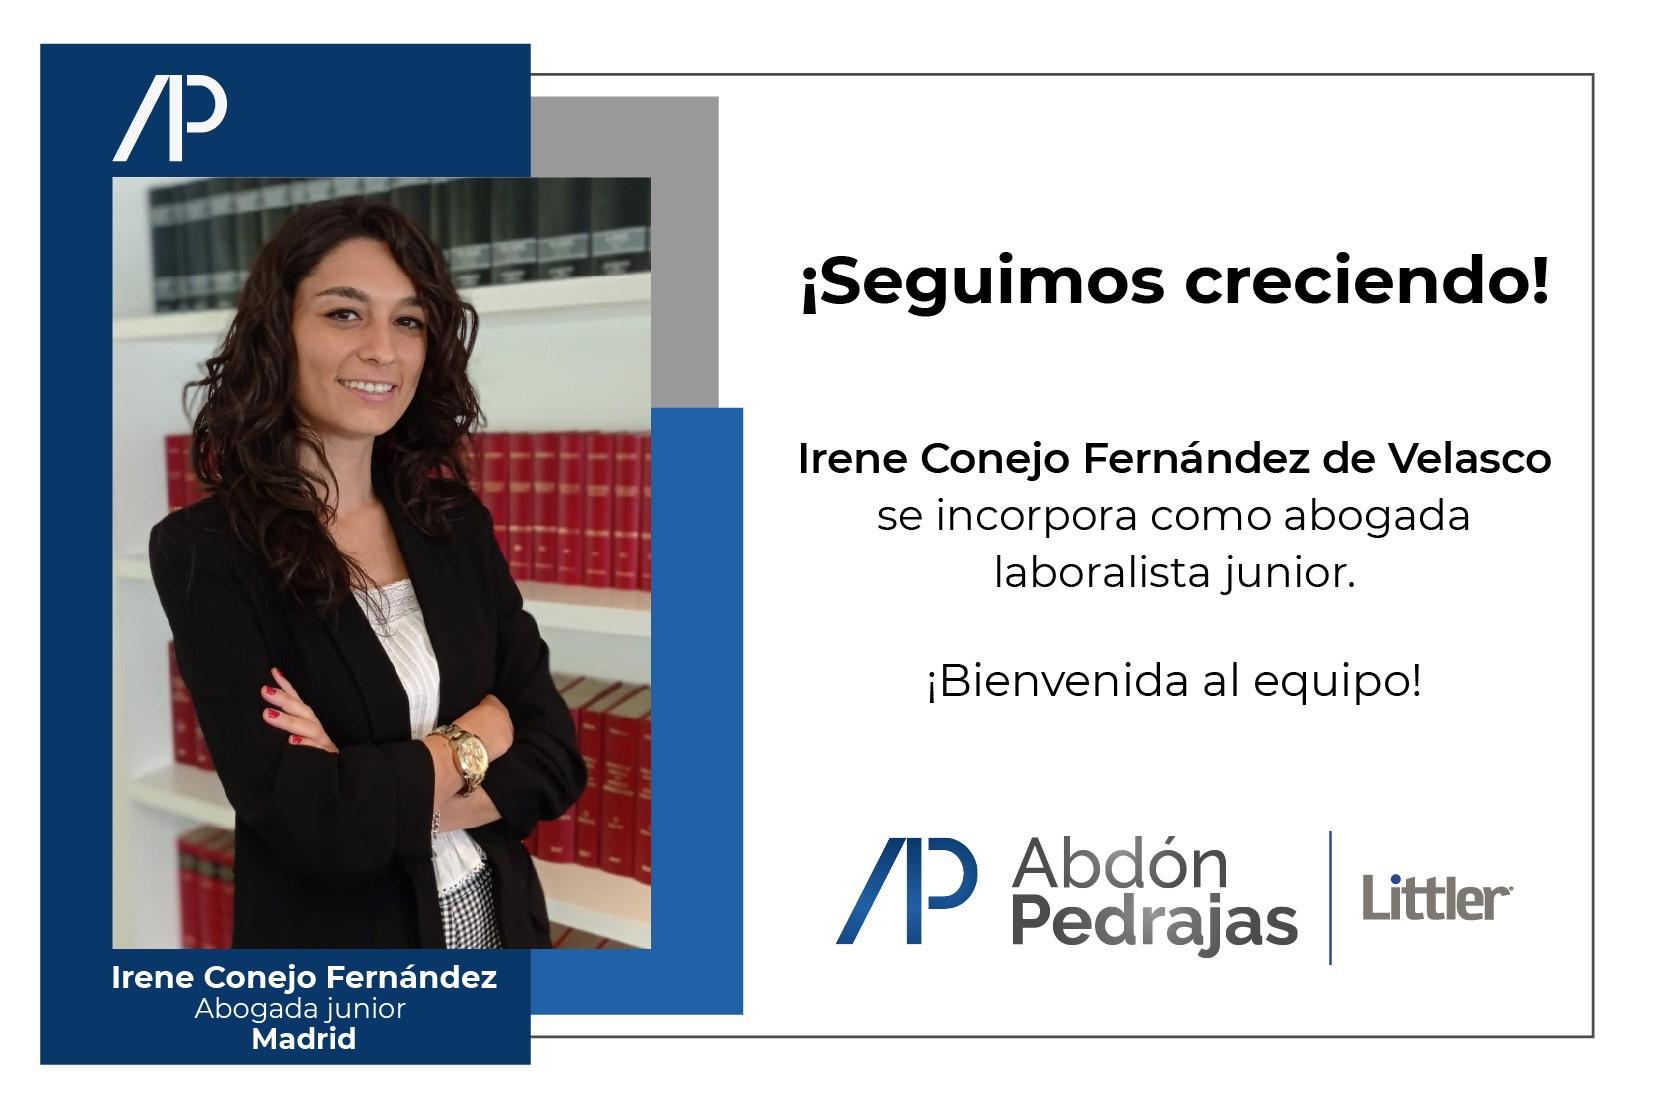 Irene Conejo Fernández de Velasco, se incorpora como Abogada junior de Abdón Pedrajas Littler